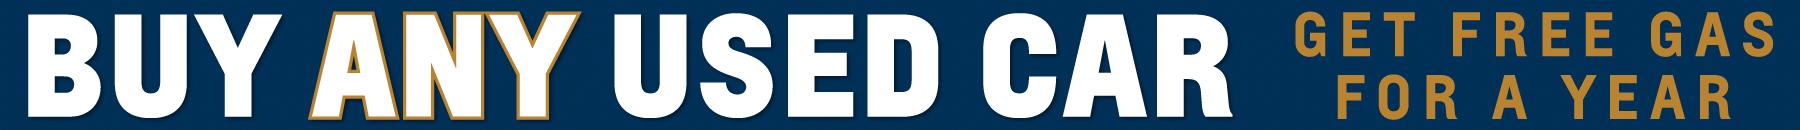 ECC-JunePromo-SRP-Header